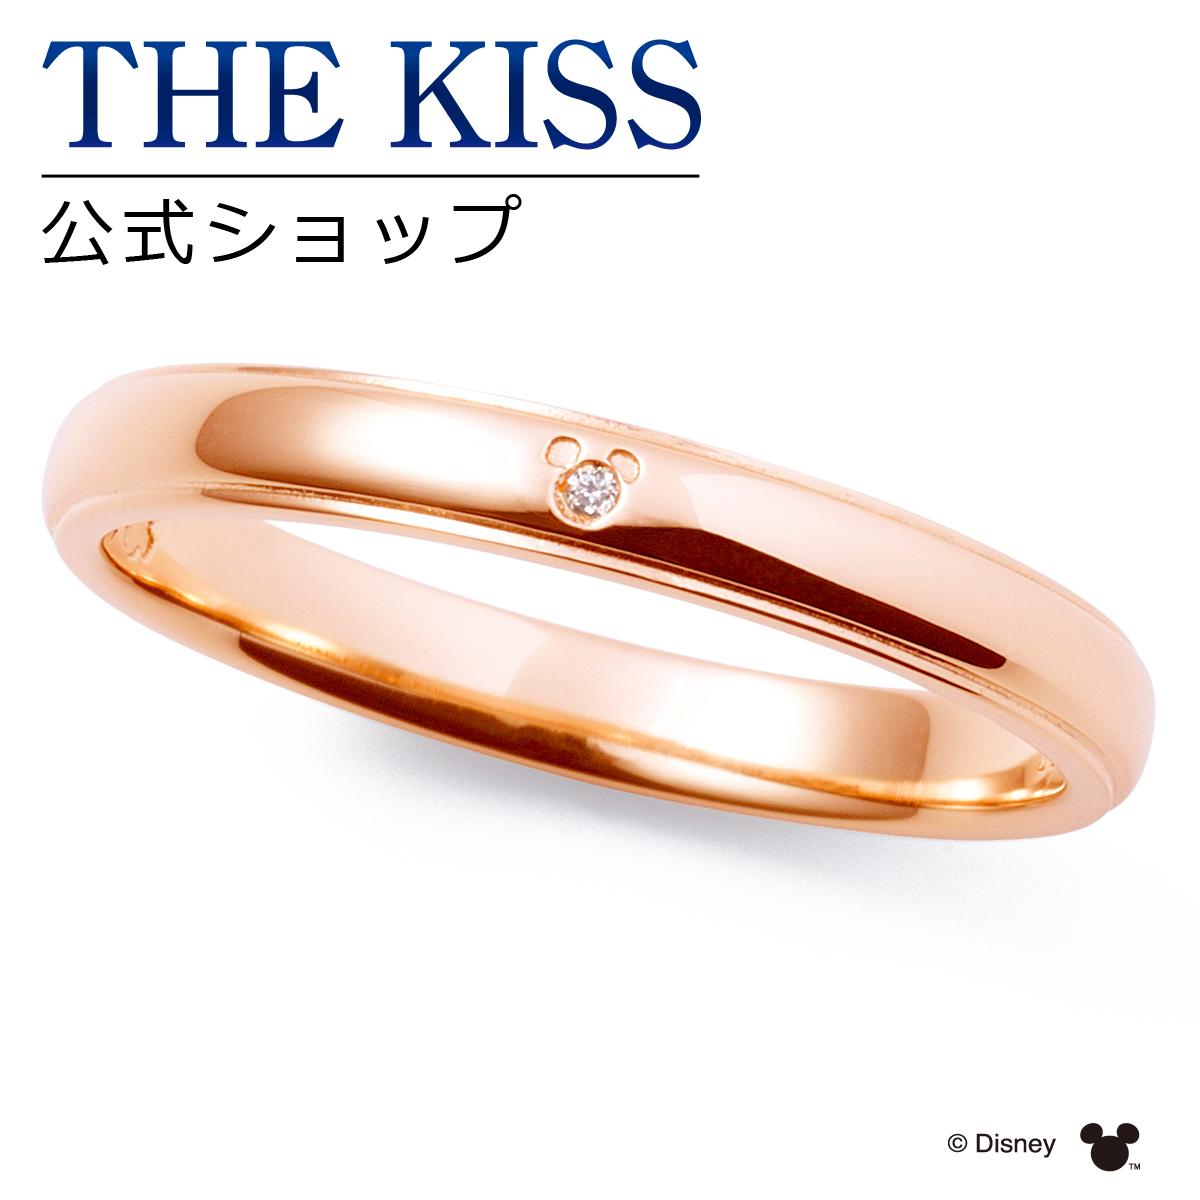 【あす楽対応】【ディズニーコレクション】 ディズニー / ペアリング / 隠れミッキーマウス / THE KISS sweets リング・指輪 K10ピンクゴールド ダイヤモンド (レディース 単品) DI-PR2702DM ザキス 【送料無料】【Disneyzone】